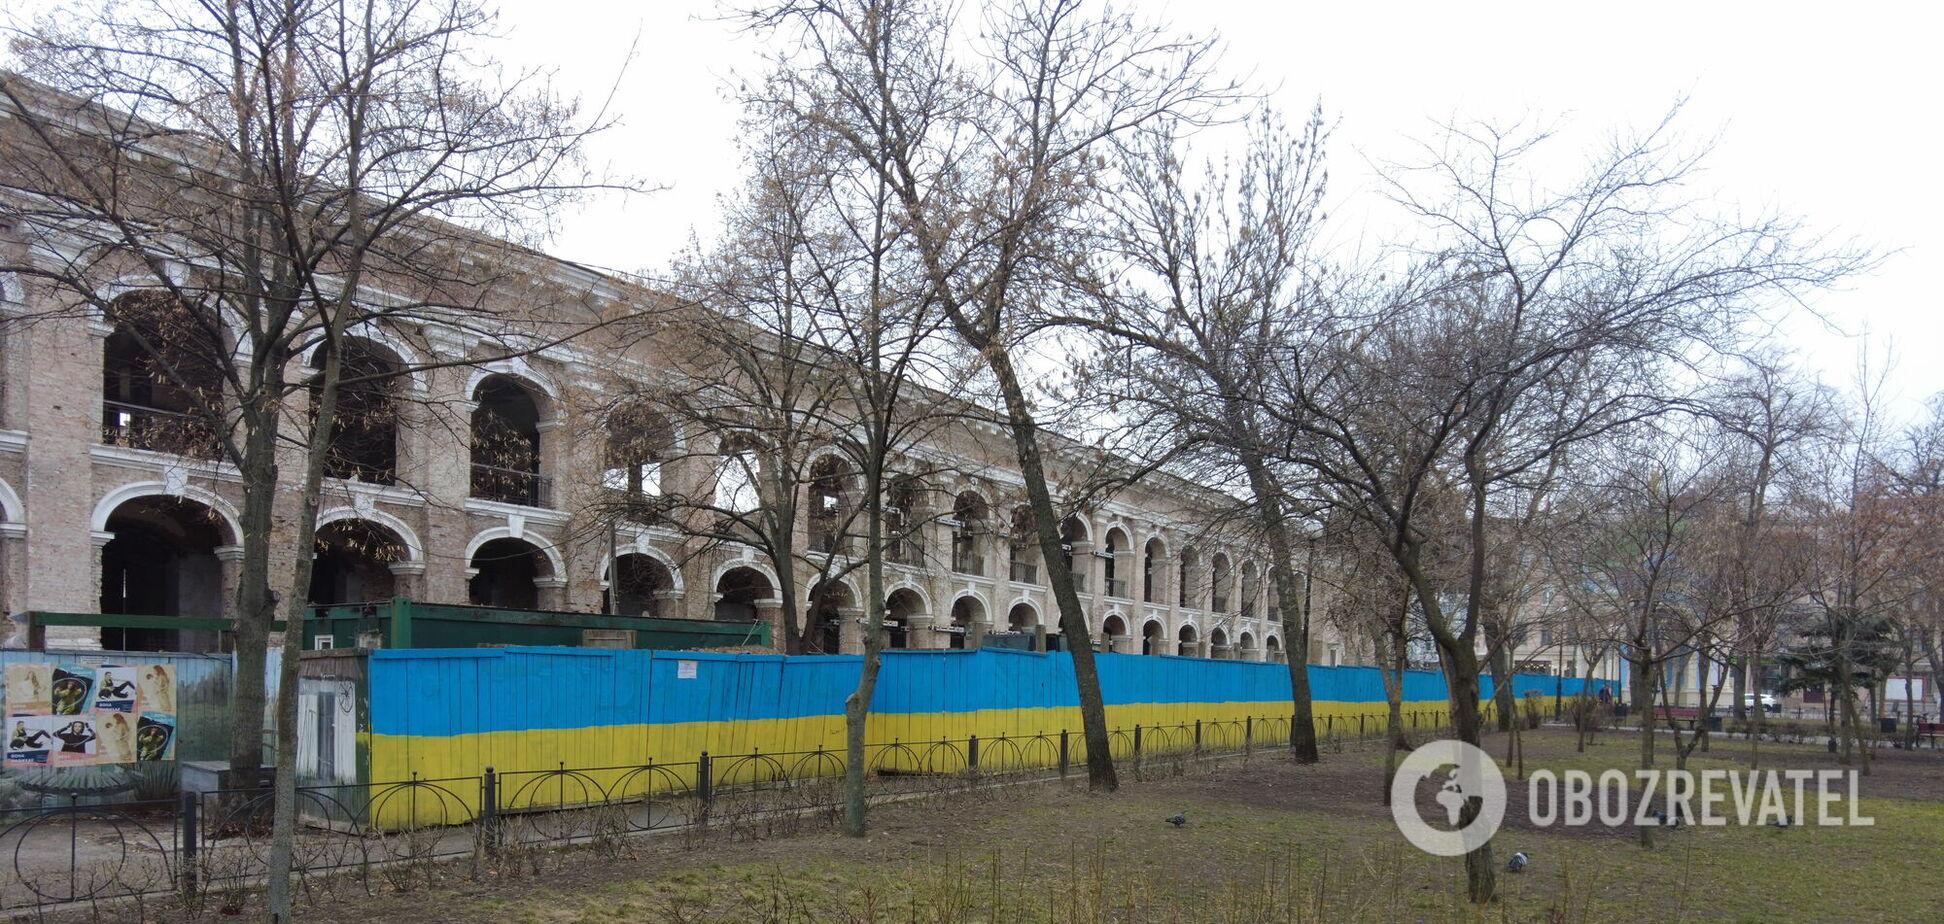 Полуразрушенный Гостиный двор: как сегодня выглядит ''сердце Подола''